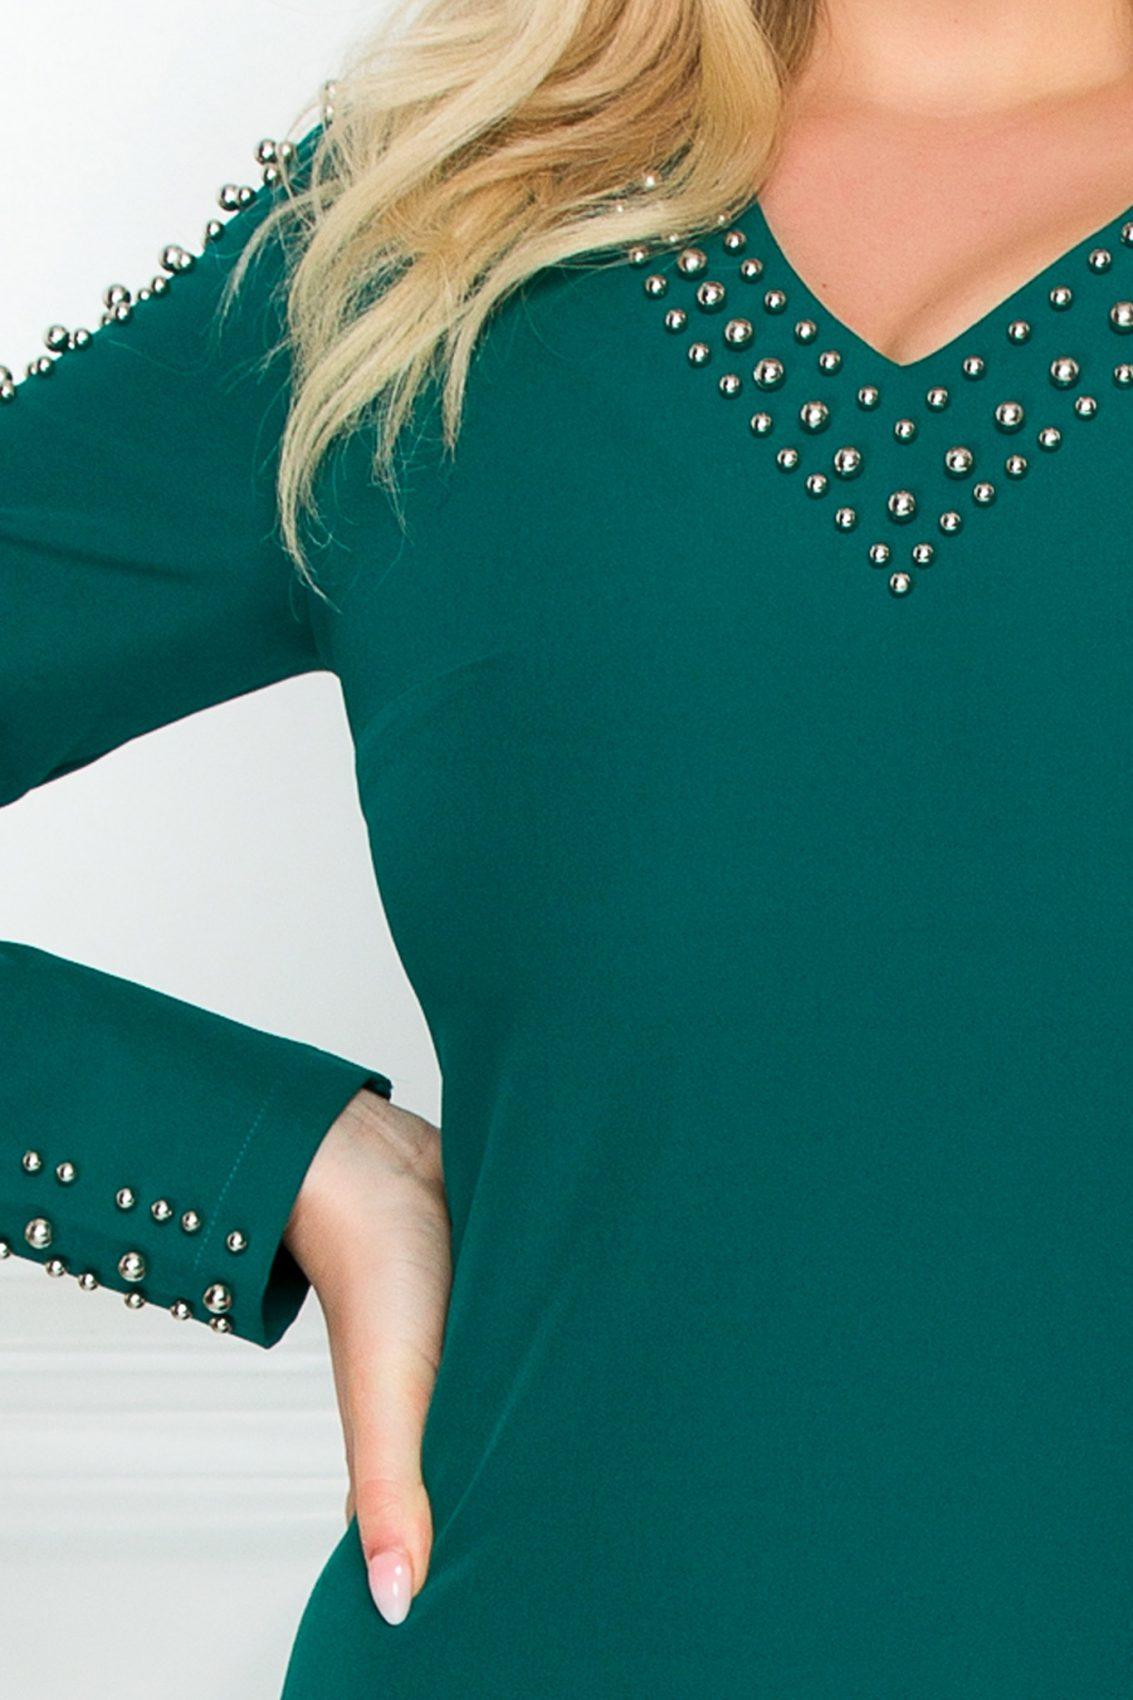 Πράσινο Φόρεμα Με Πέρλες Sirrya 9310 3